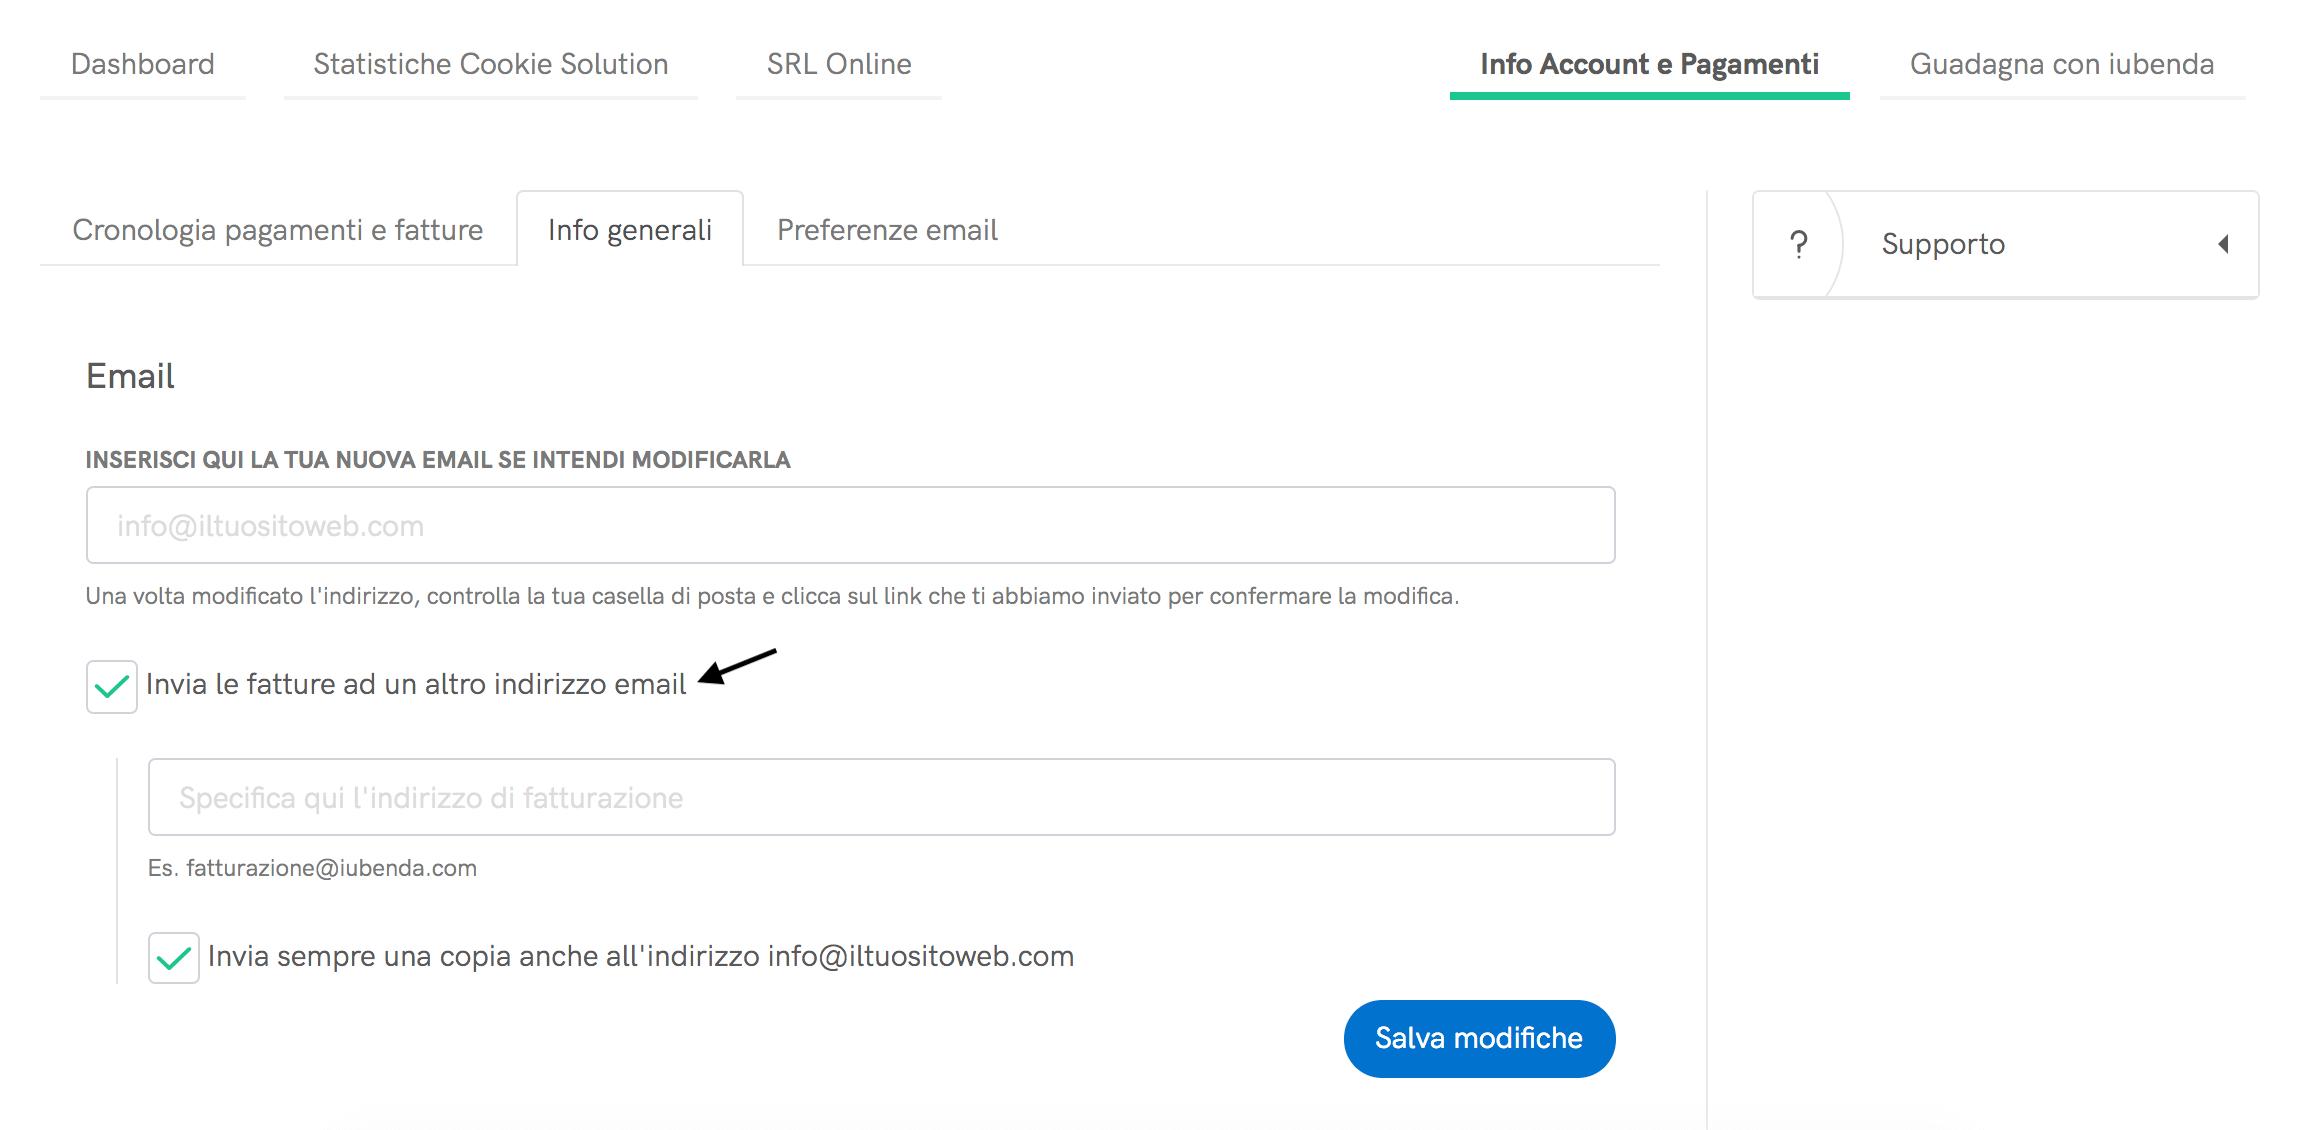 Fatture su un altro indirizzo email